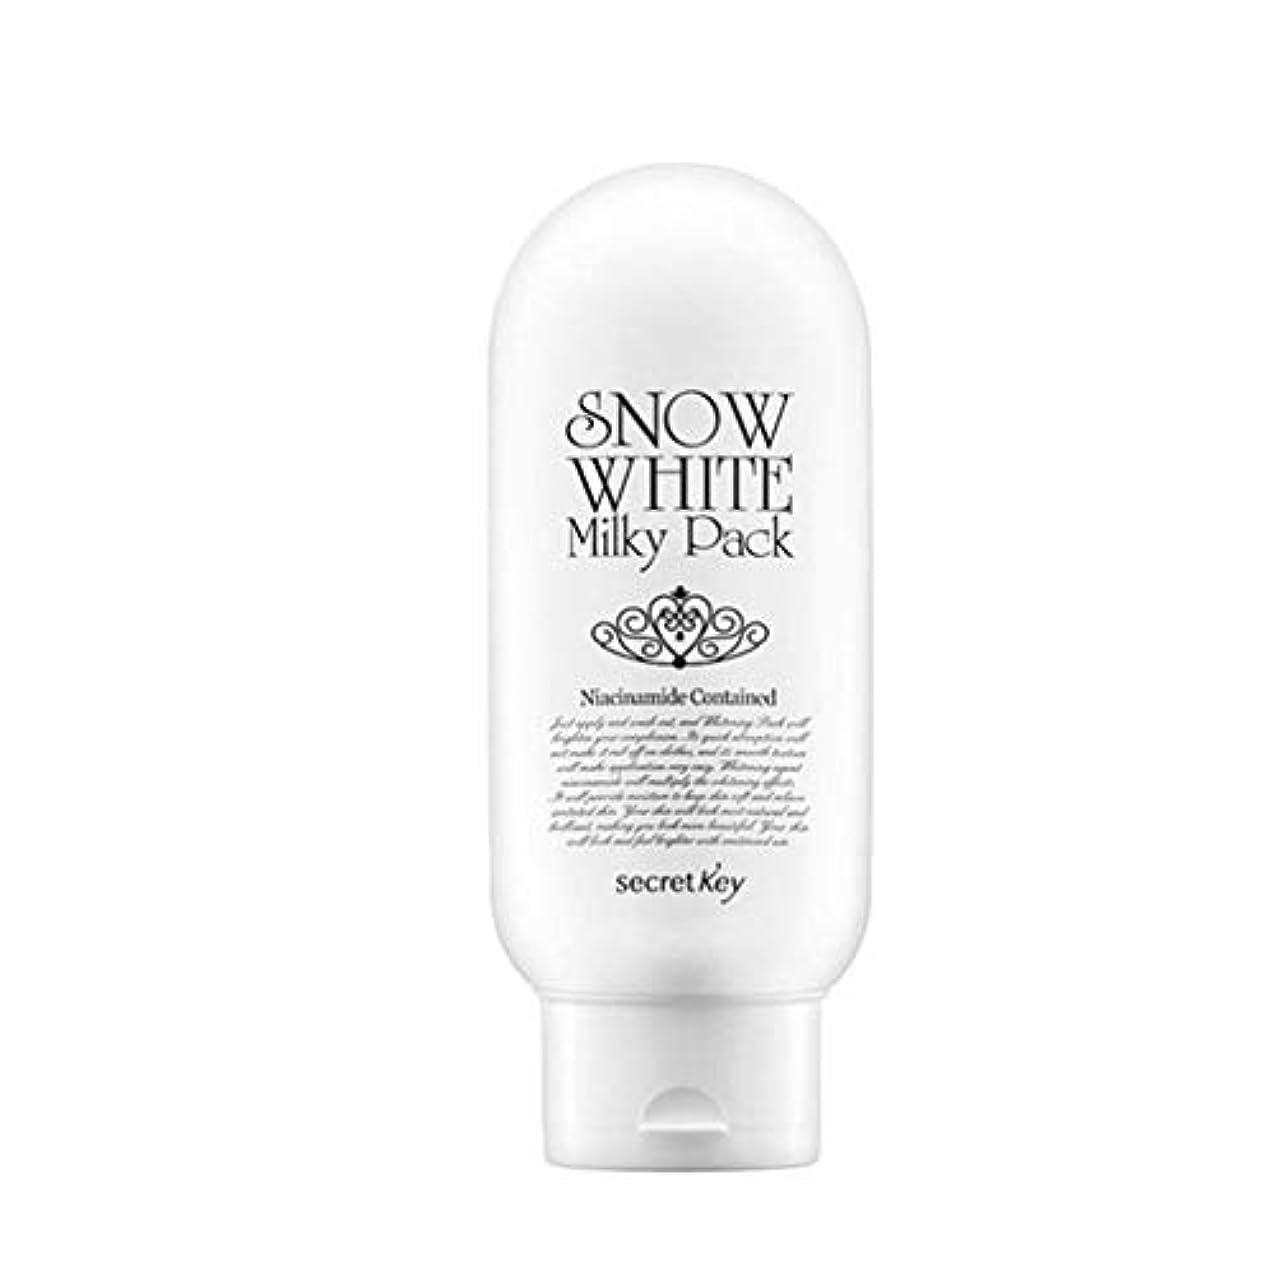 非武装化バラエティ畝間シークレットキースノーホワイトミルキーパック200g韓国コスメ、Secret Key Snow White Milky Pack 200g Korean Cosmetics [並行輸入品]